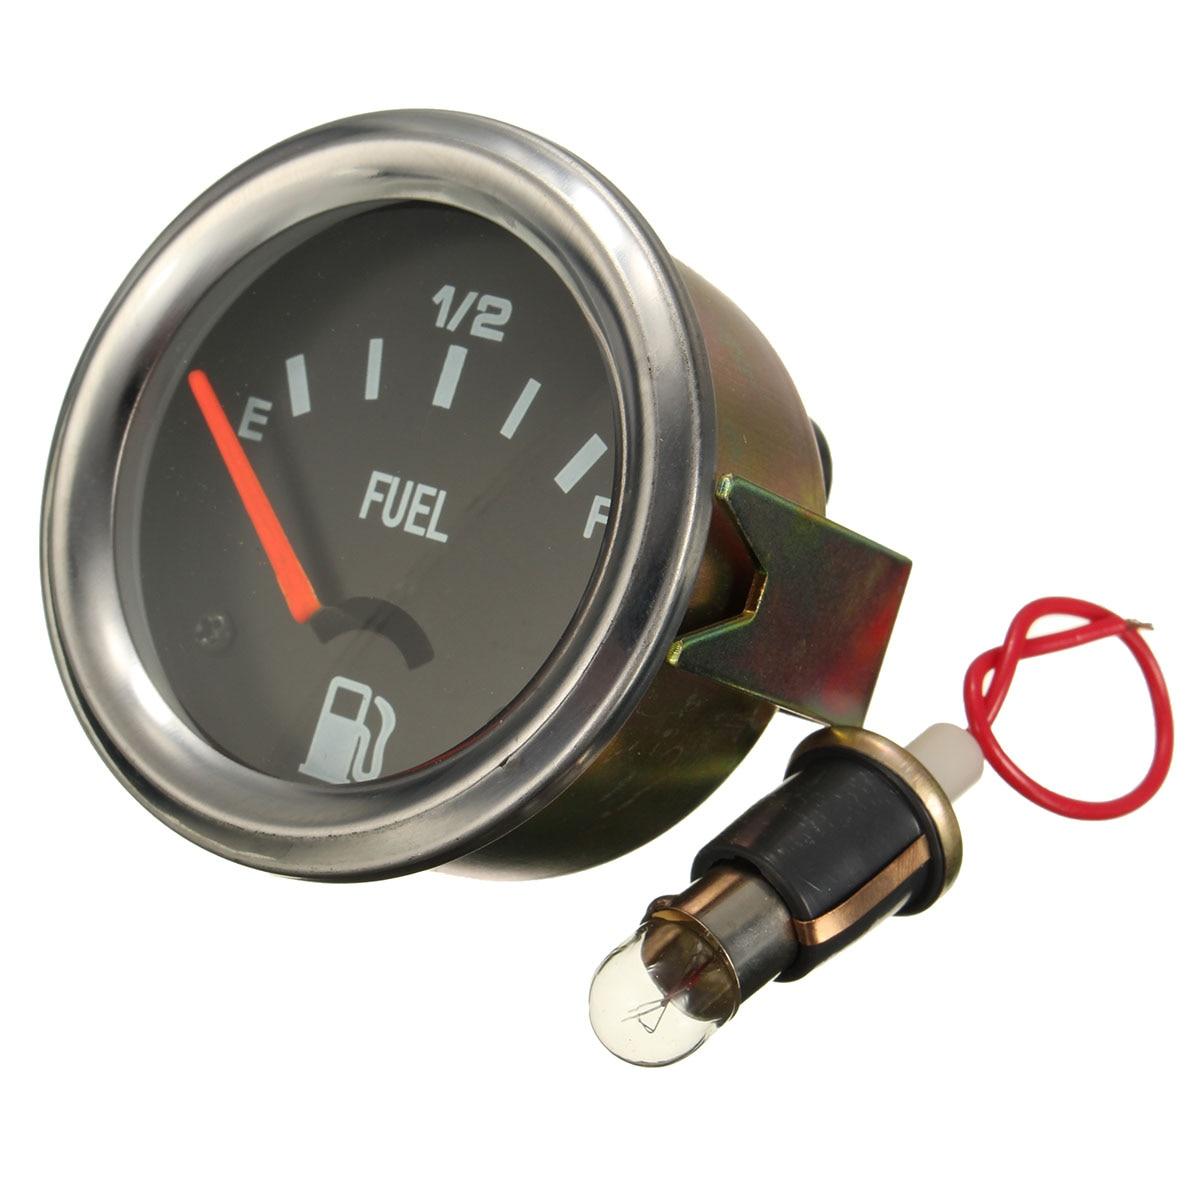 52mm Mechanische Auto Auto Kraftstoffanzeige Gelb Licht Ohne Sensor E-1/2-F Pointer 12 V